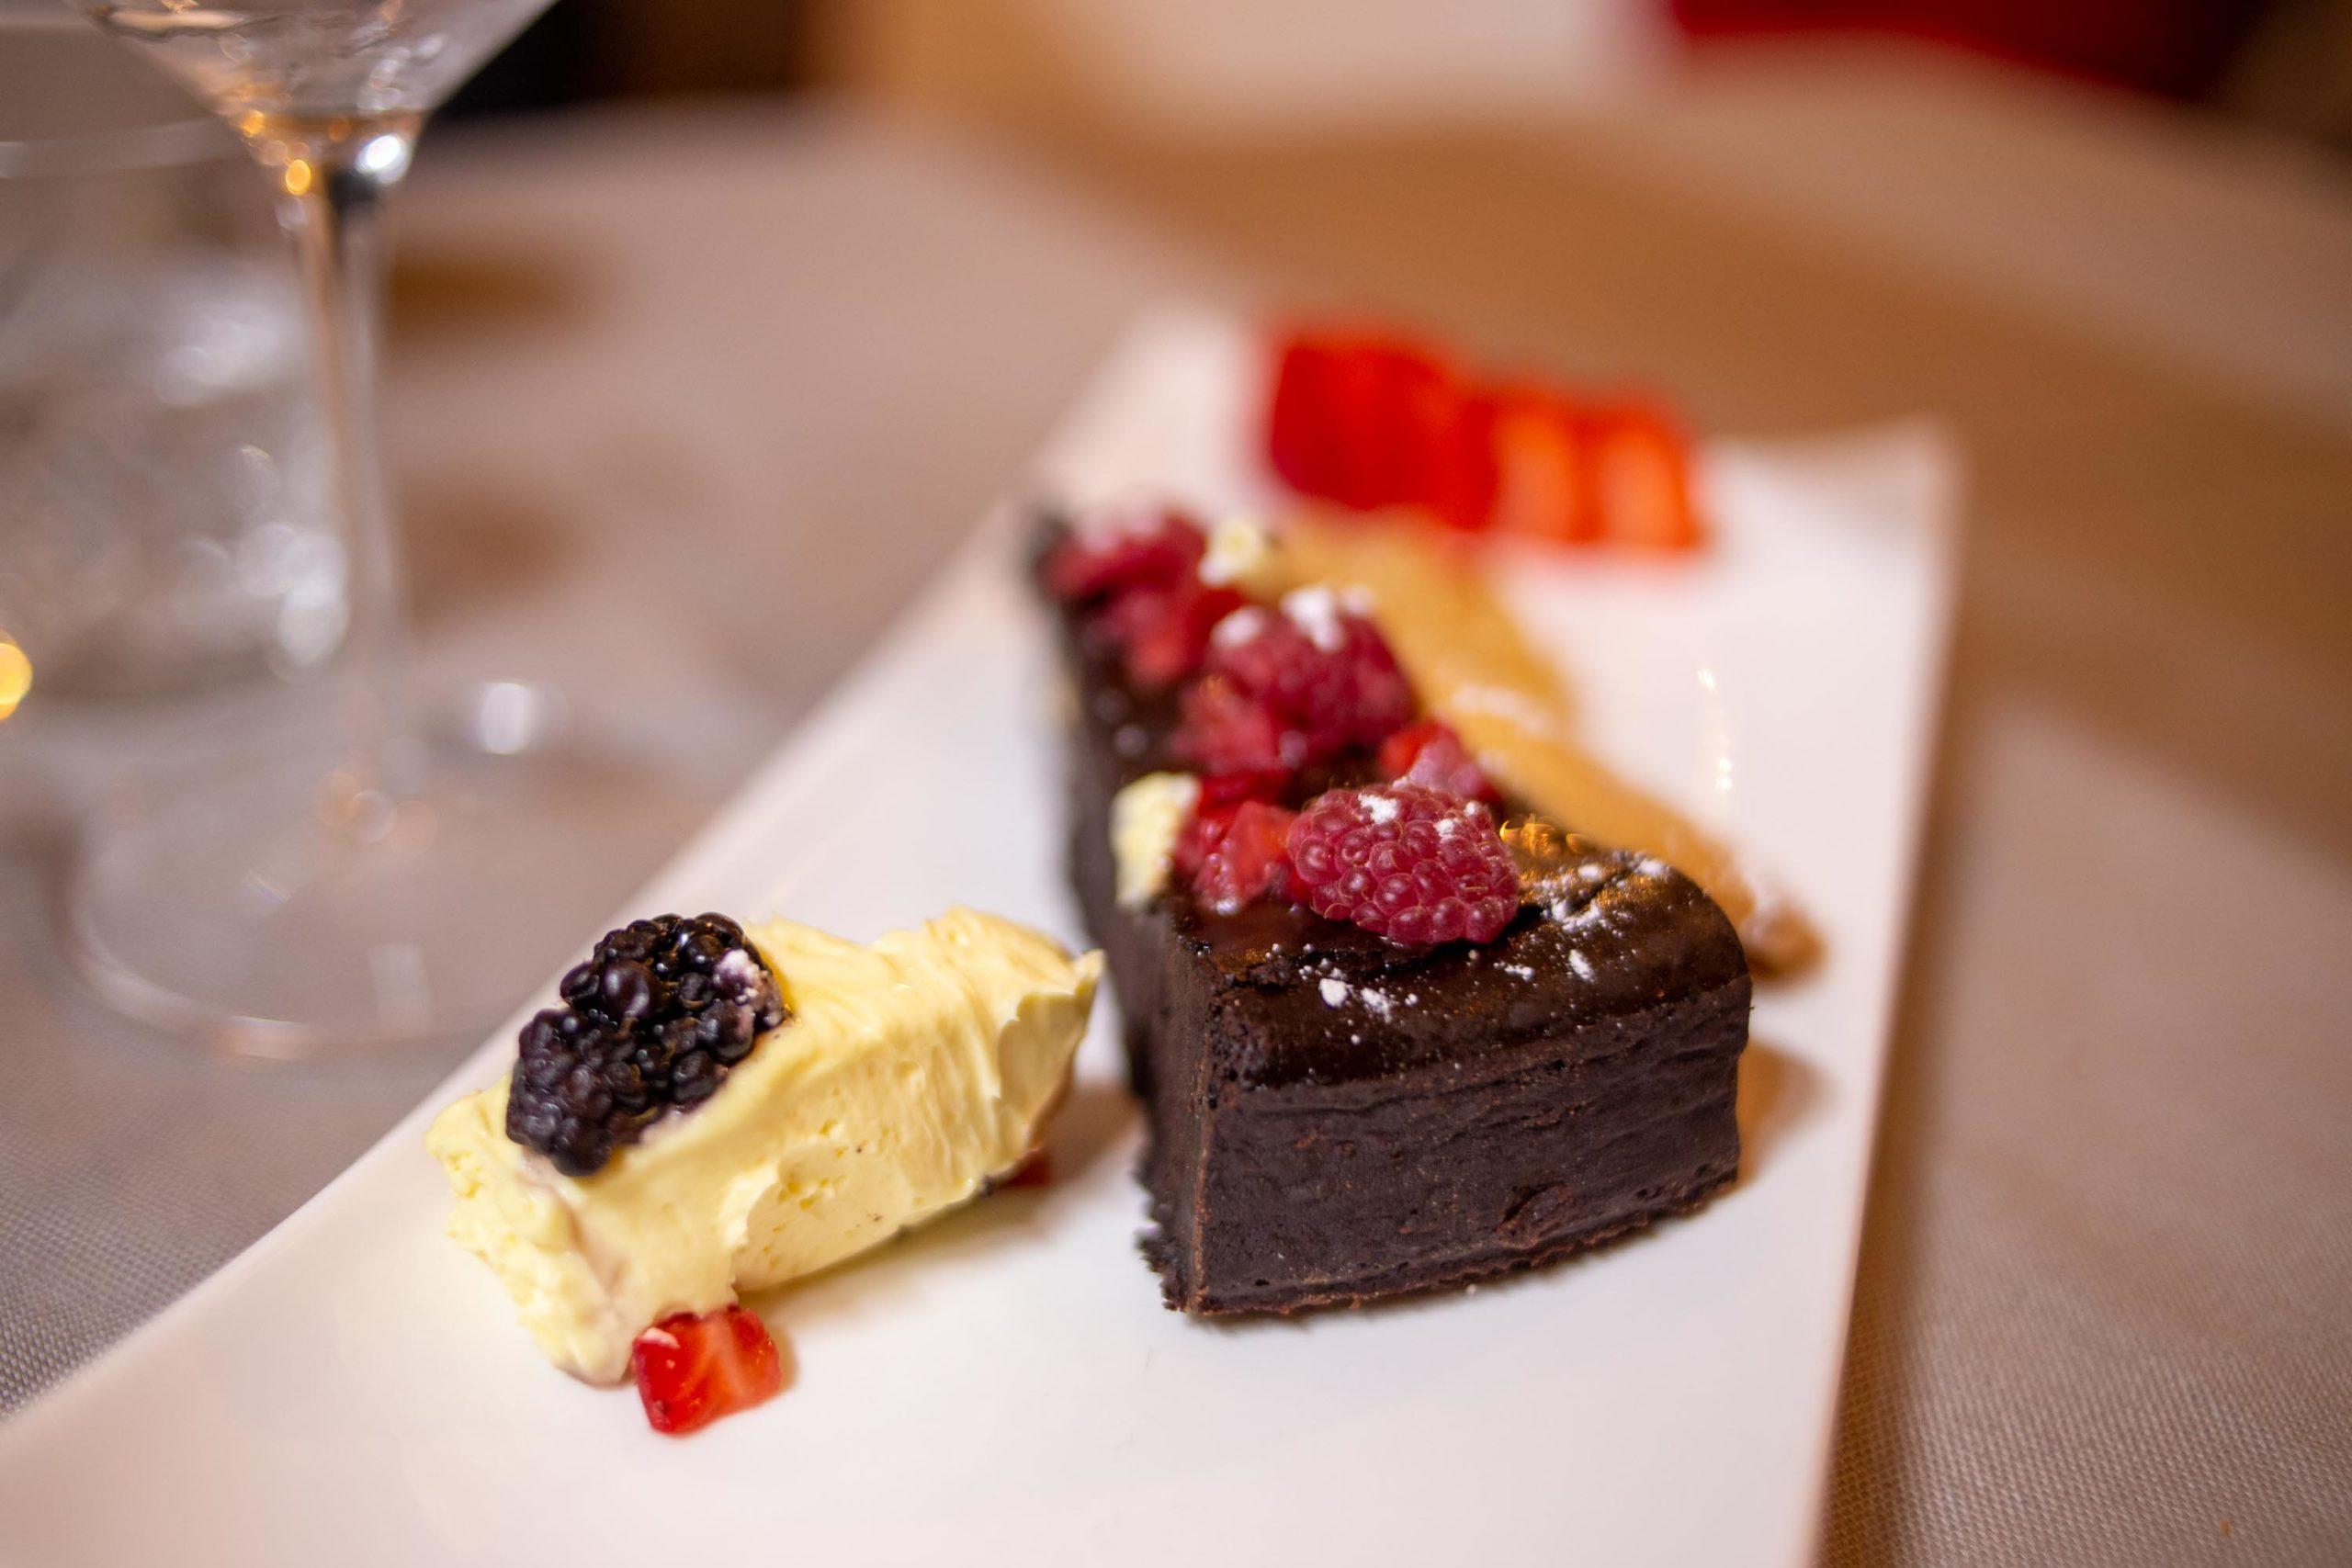 torta al cioccolato fondente con frutti rossi